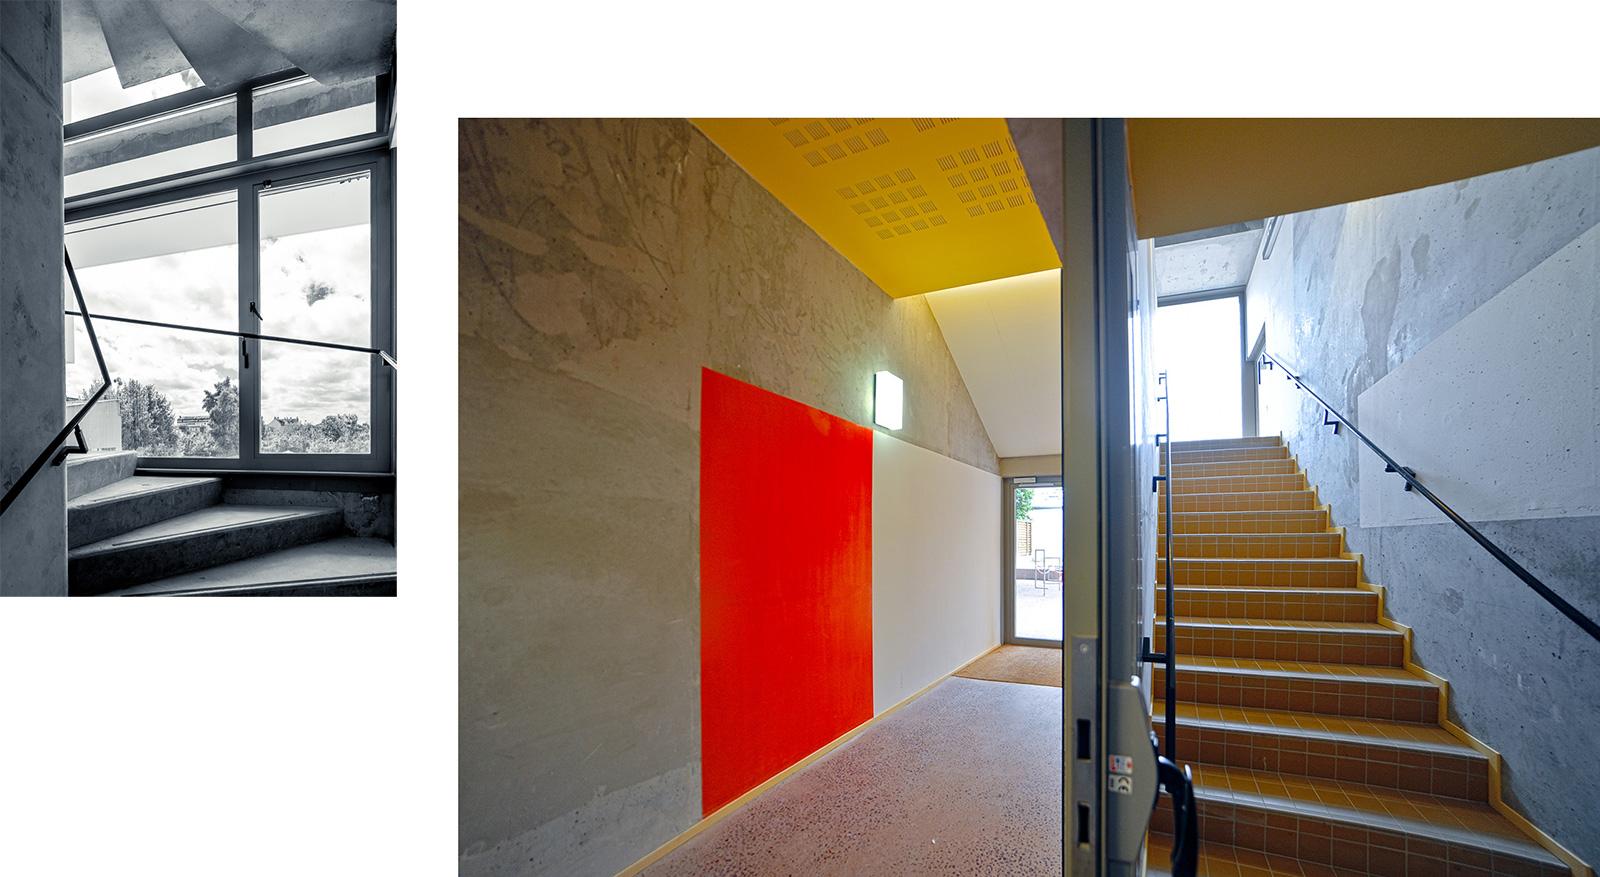 germe-et-jam-RJC-rennes-immeuble-cartier-parties-communes-planche